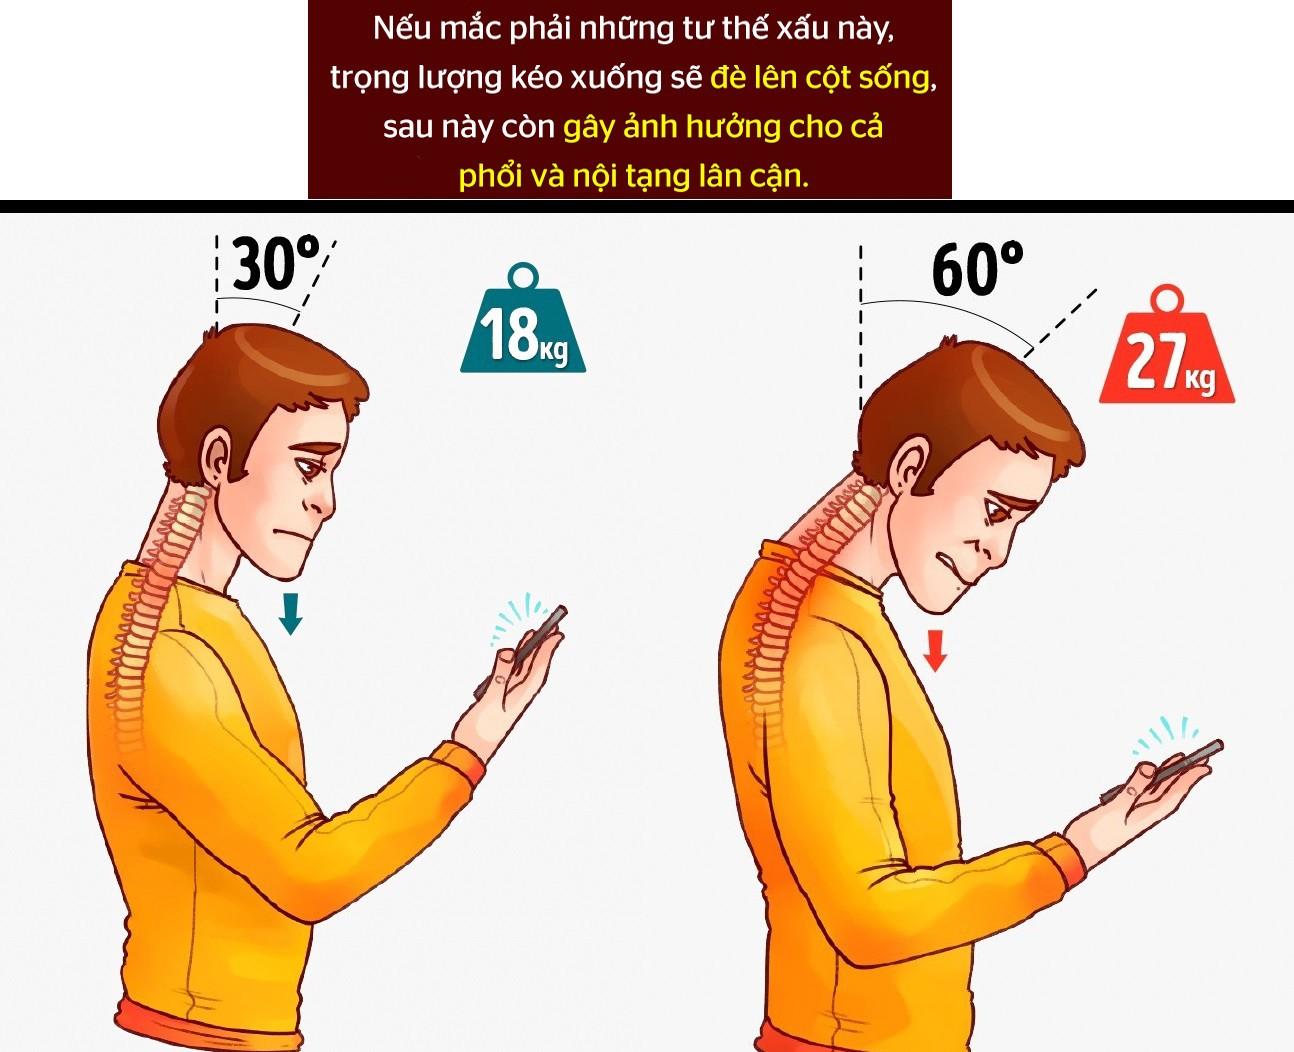 Cong vẹo cột sống vì nhìn smartphone sai tư thế - Làm sao để sửa ngay trong 5 phút? - Ảnh 1.